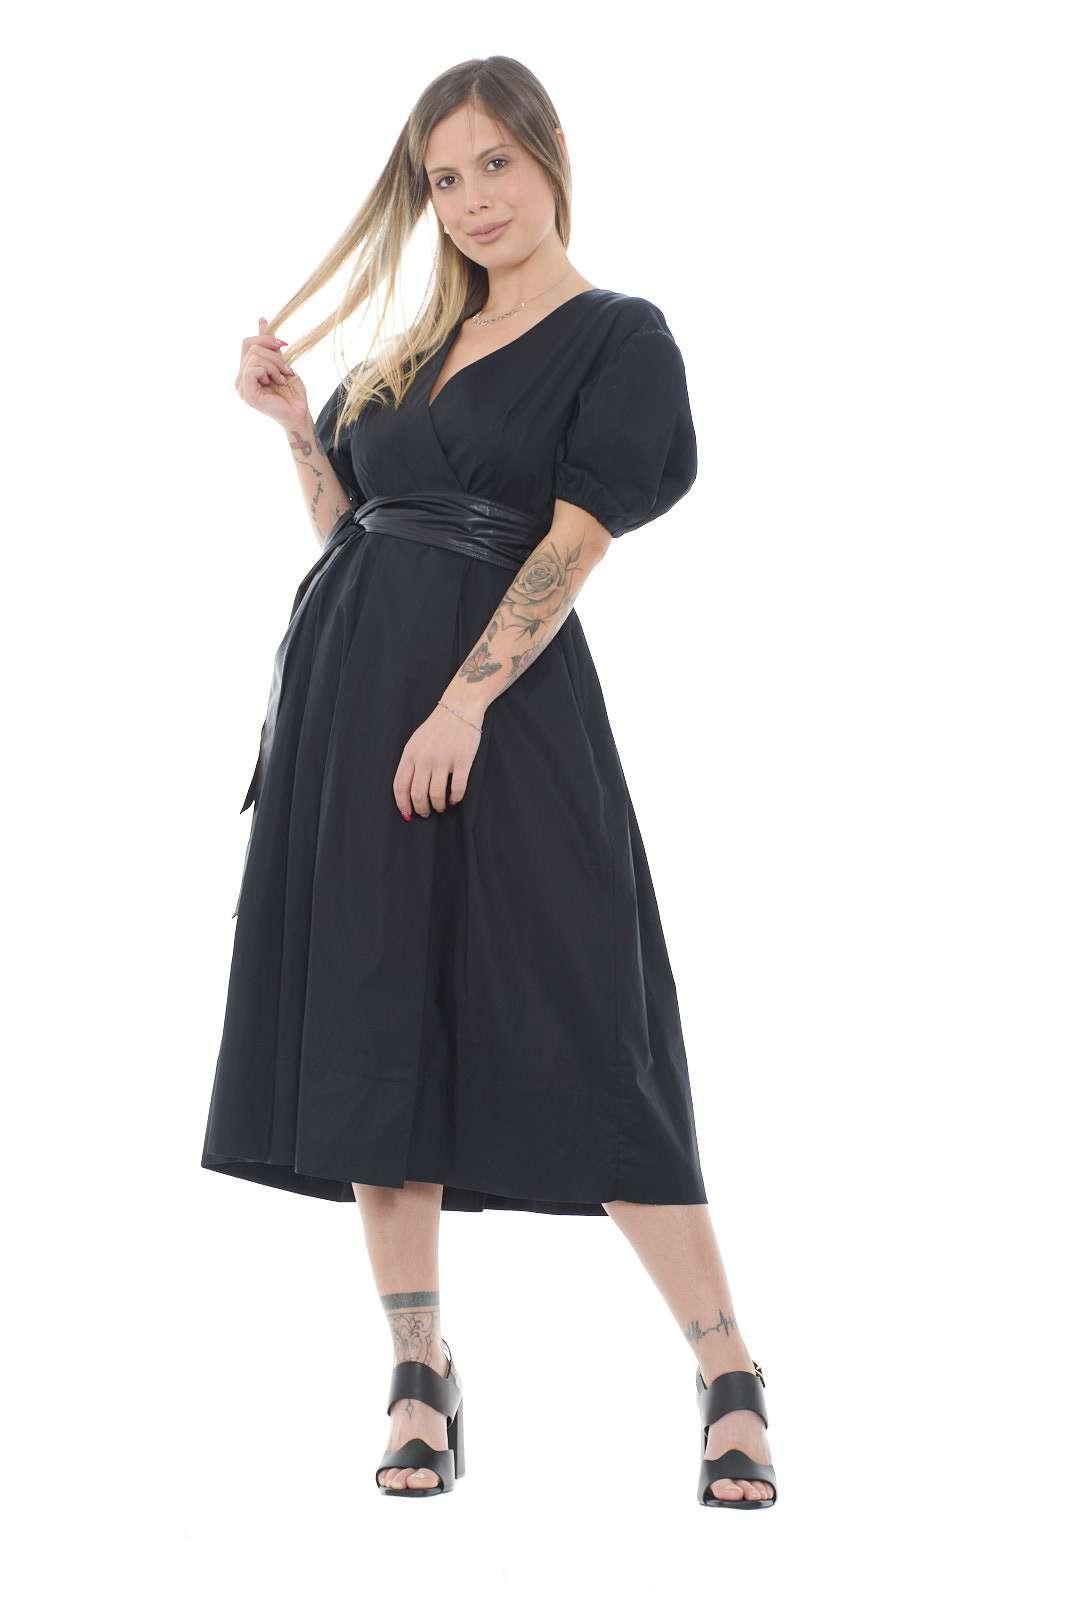 Scopri il nuovo abito a vestaglia firmato dalla new collection donna Twinset. L'apertura a vestaglia con chiusura doppiopetto è rifinita dalla fusciacca in pelle ecologica. Un capo essenziale e dallo stile minimal realizzato per ogni look.